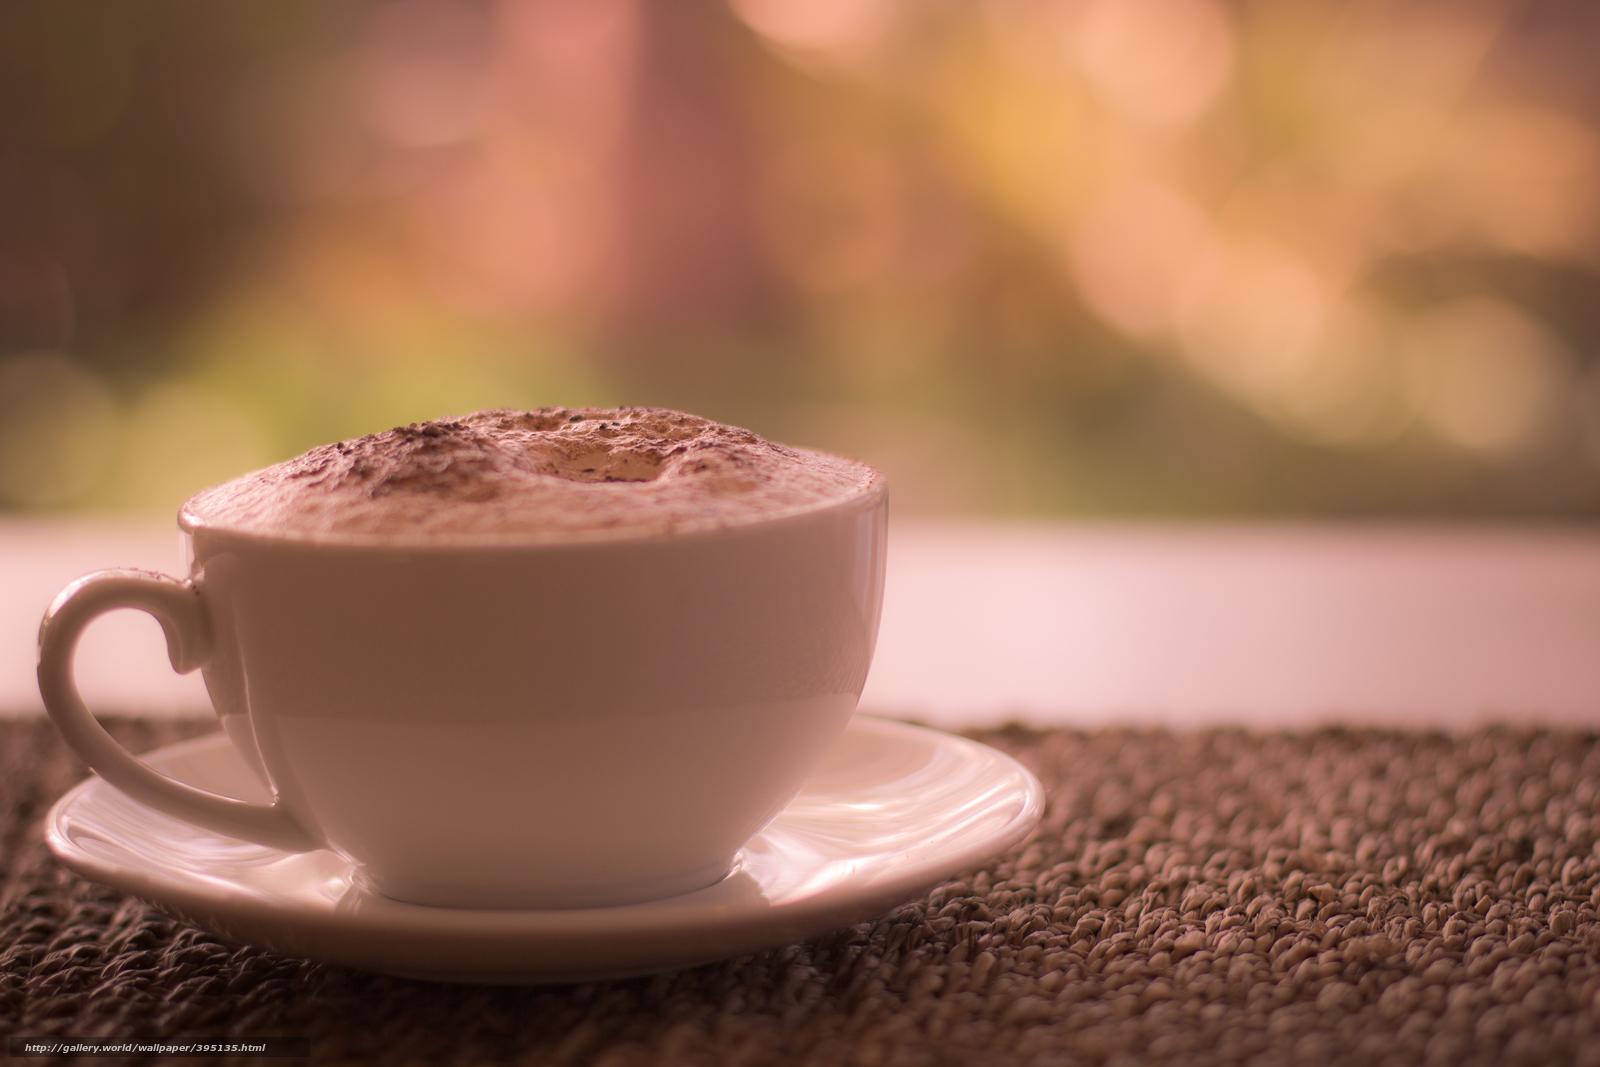 Download wallpaper morning coffee Latte skin free desktop wallpaper HD Wide Wallpaper for Widescreen